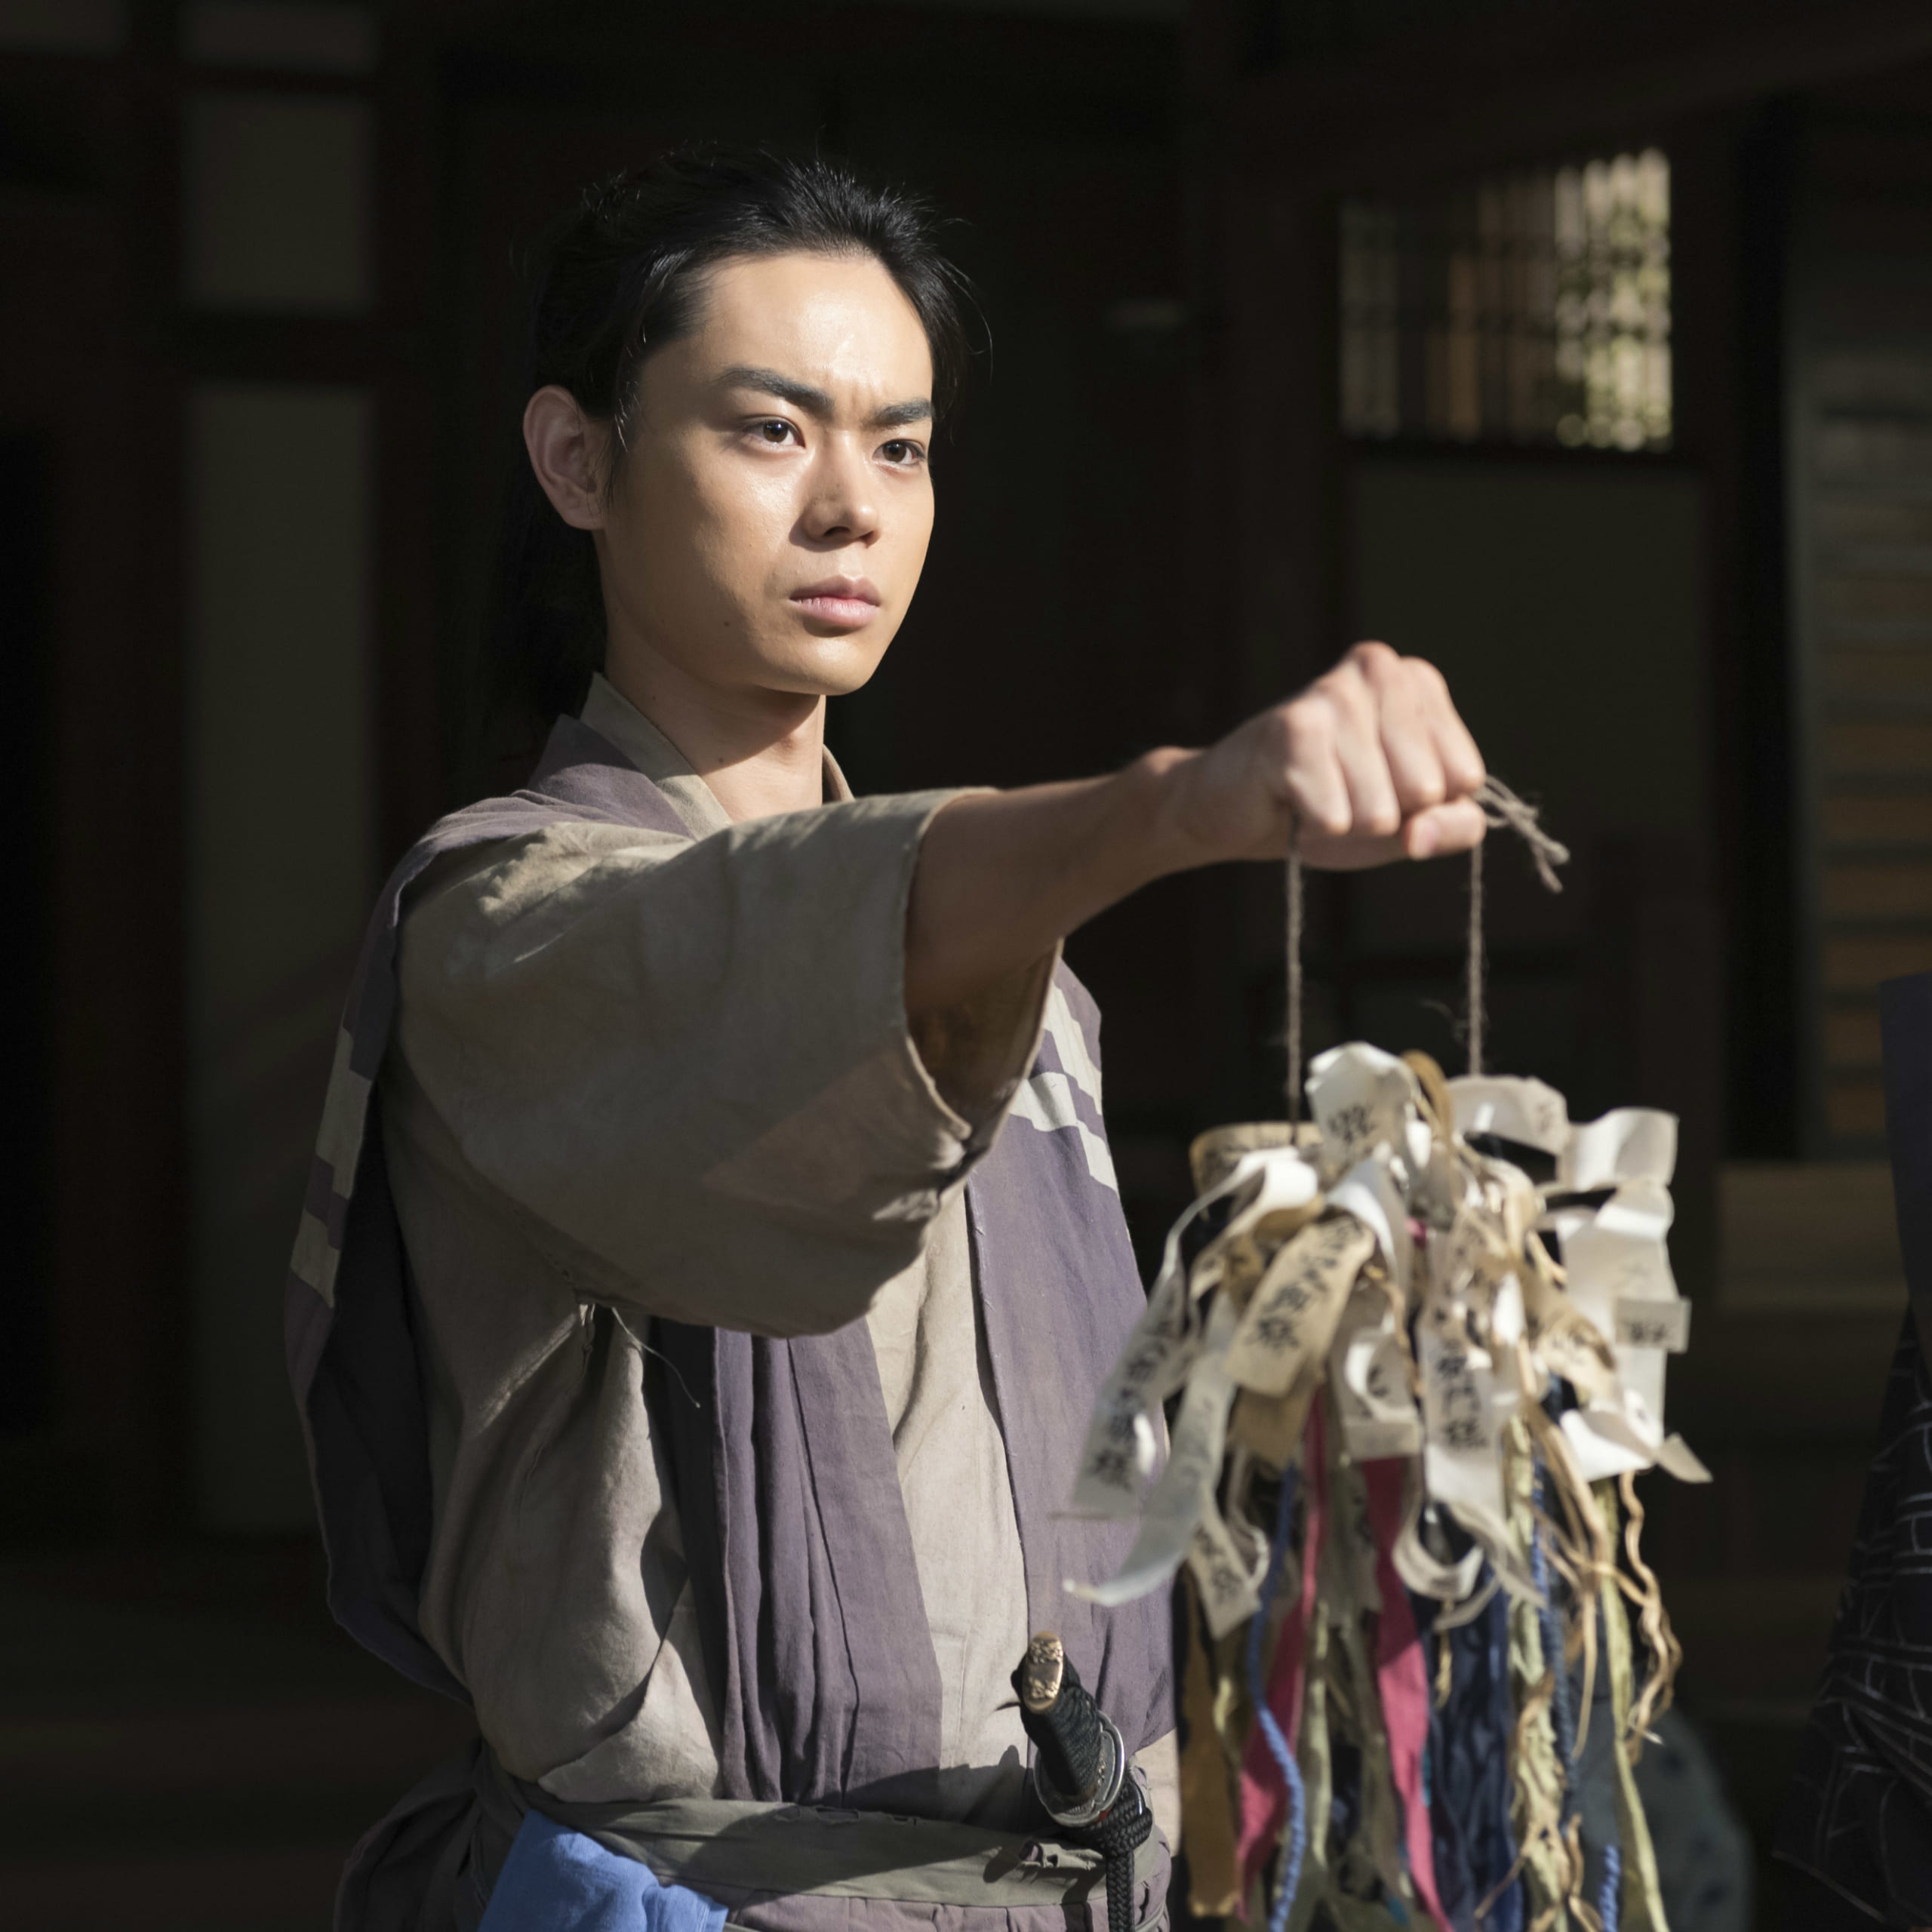 井伊直政を演じる菅田将暉「直政はバイタリティがあり生命力が強い男」